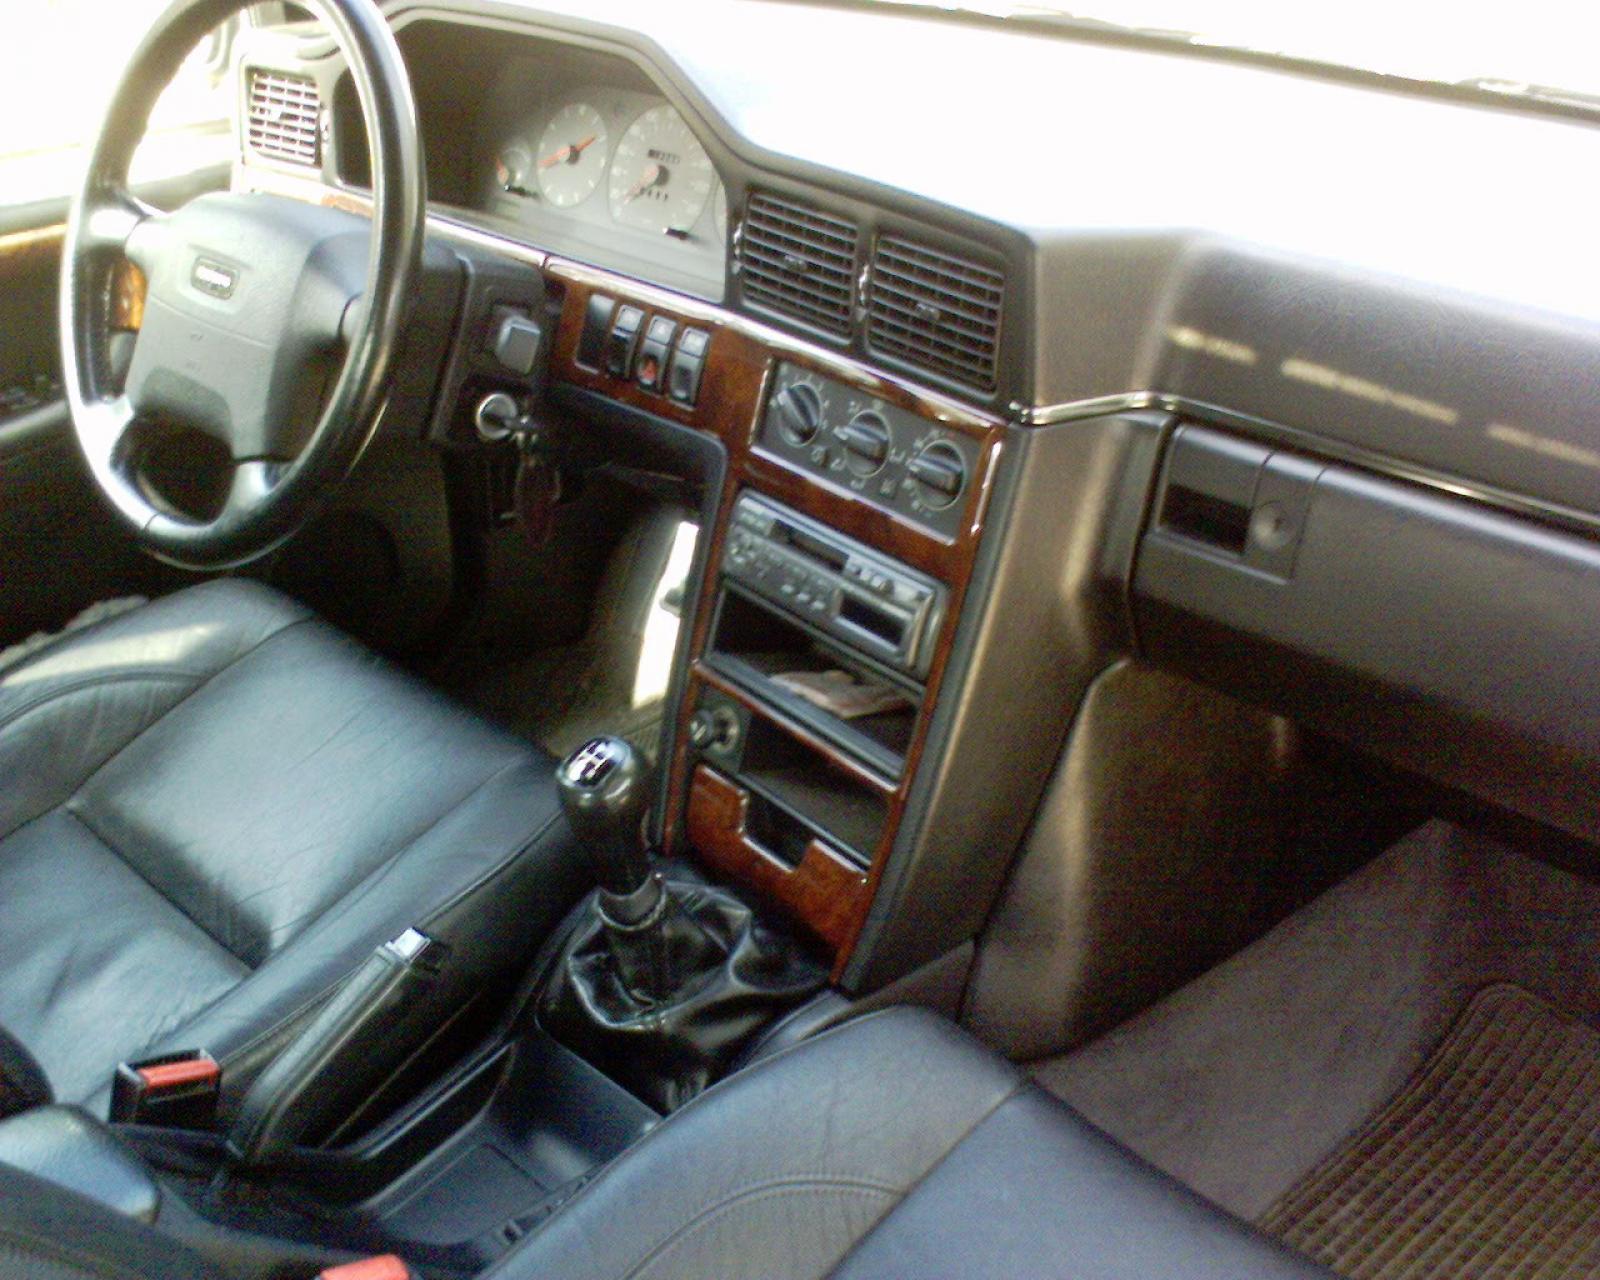 1995 volvo 960 information and photos zombiedrive rh zombdrive com 1996 Volvo 960 White 1996 Volvo 960 Interior